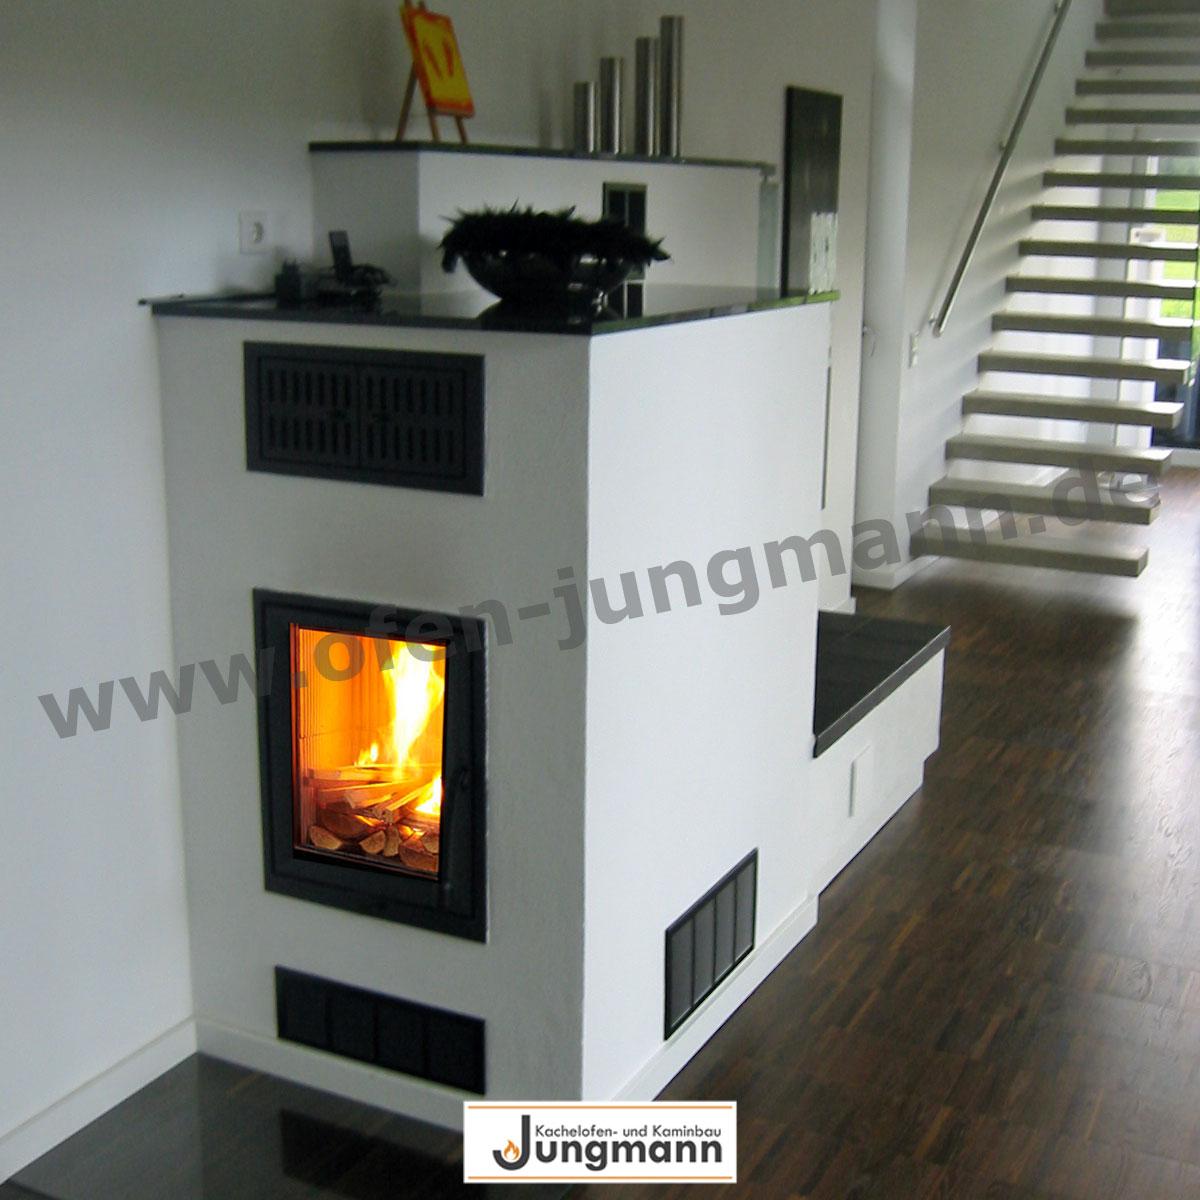 referenzen f r kamine kaminbau ofen kaminofen in delbr ck kachelofen jungmann. Black Bedroom Furniture Sets. Home Design Ideas